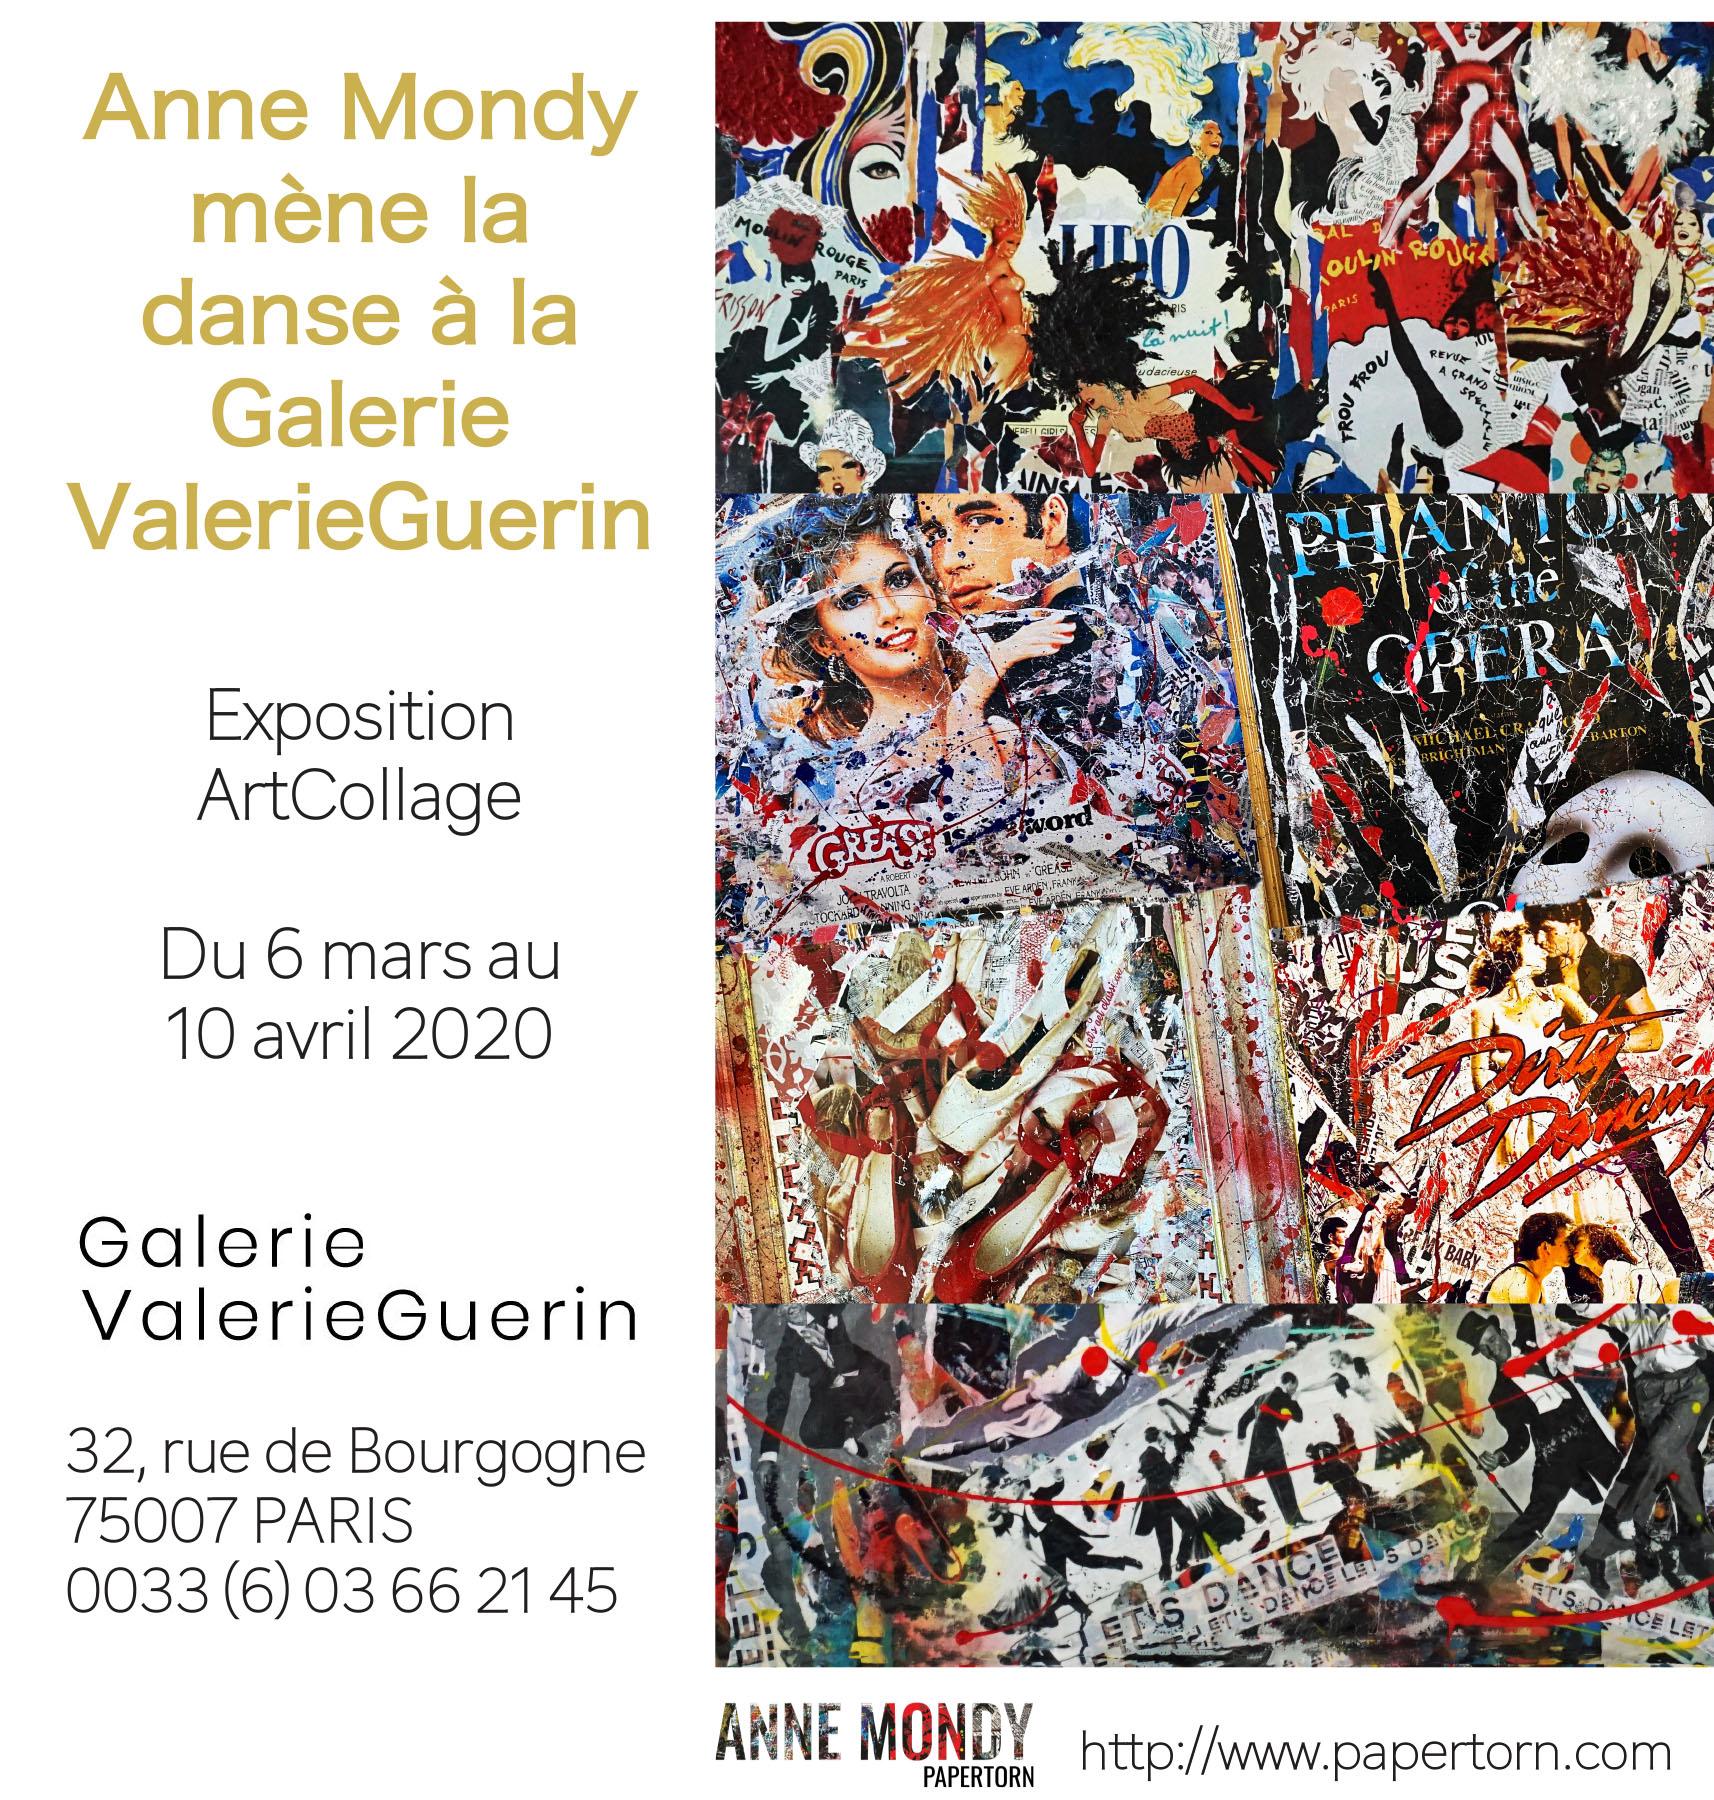 Exposion à la Galerie ValerieGuerin. Paris